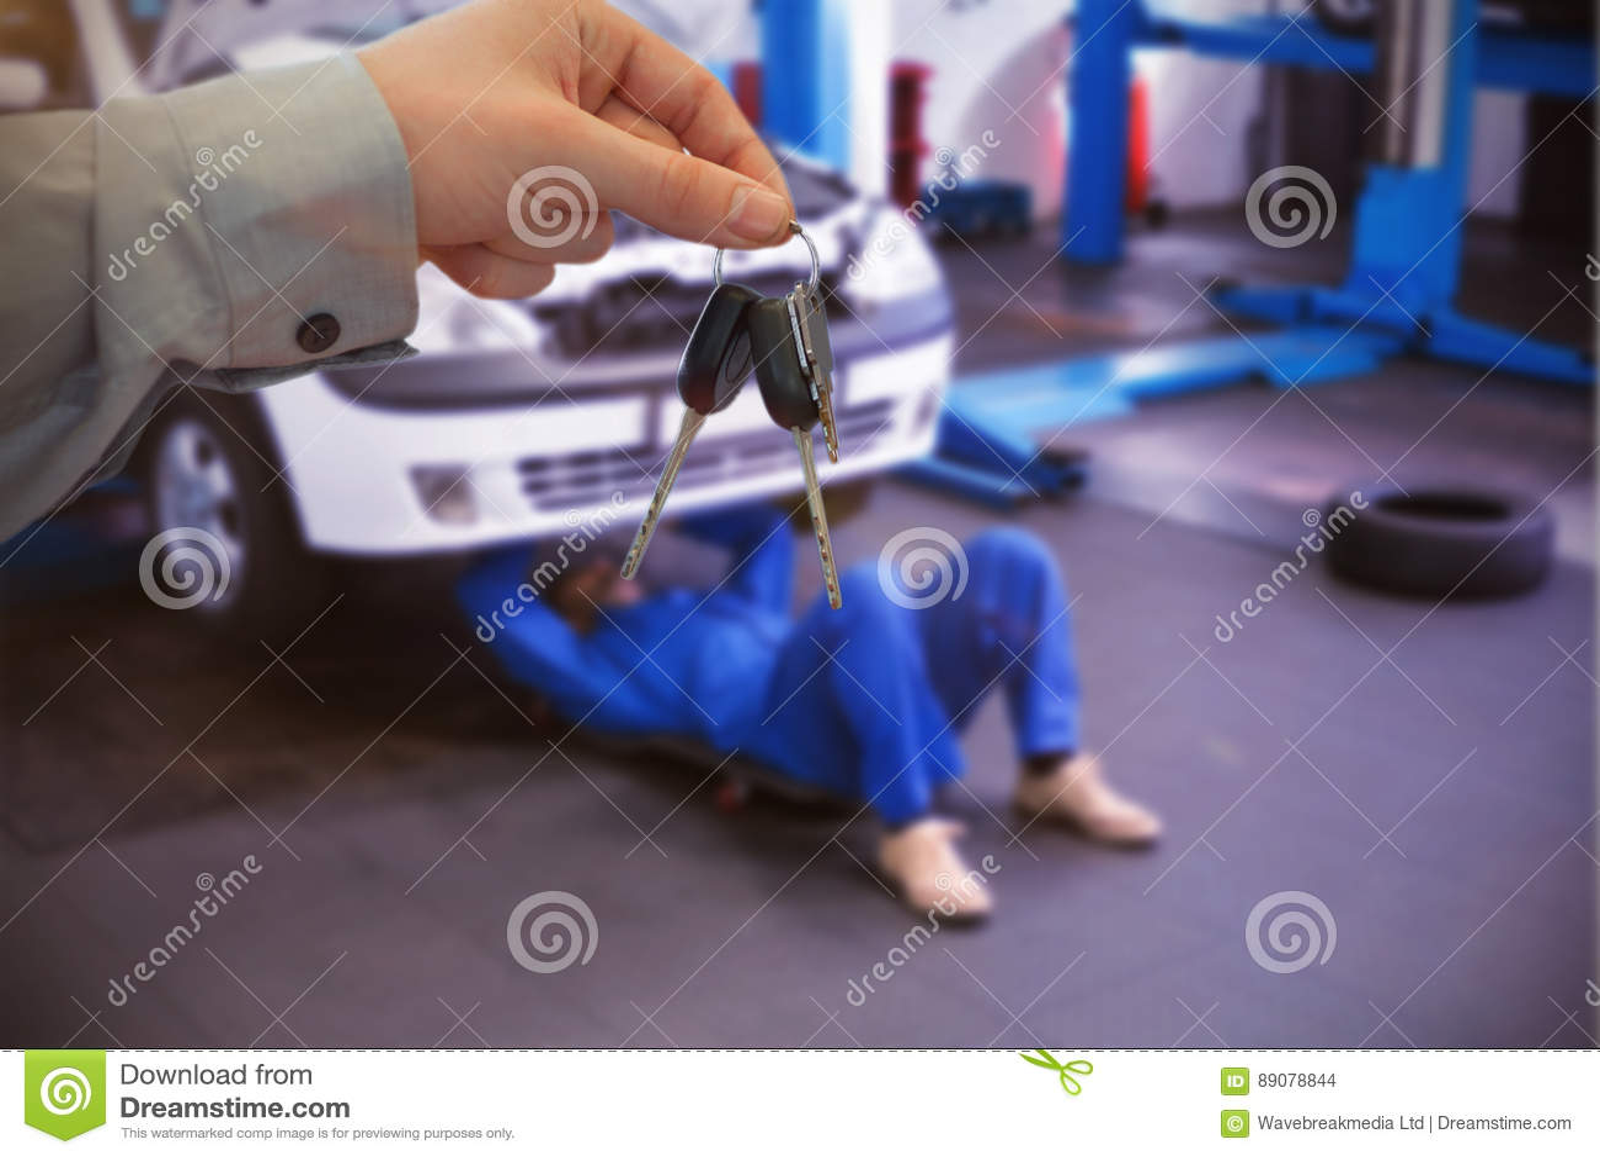 Imagem composta do concessionário automóvel que dá chaves a um cliente